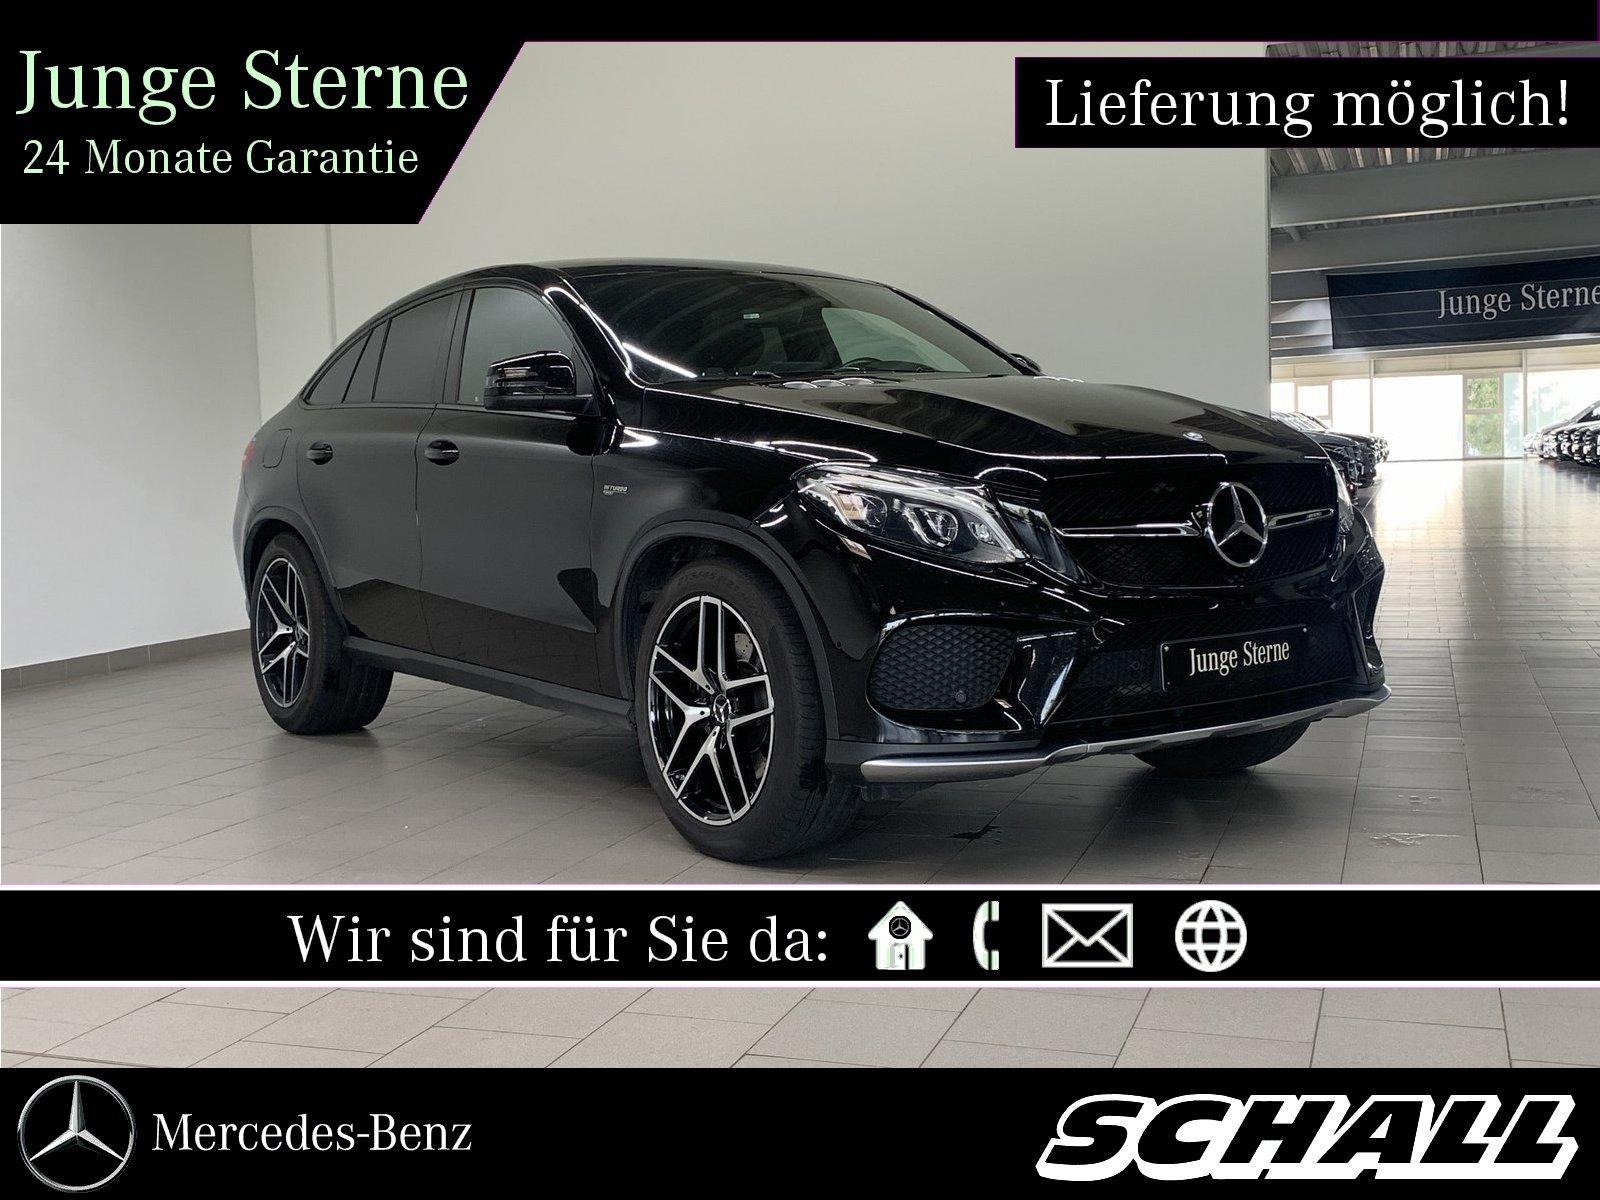 Mercedes-Benz GLE 43 AMG 4M COUPÉ PANO+AHK+LED+KAMERA+COMAND, Jahr 2017, Benzin